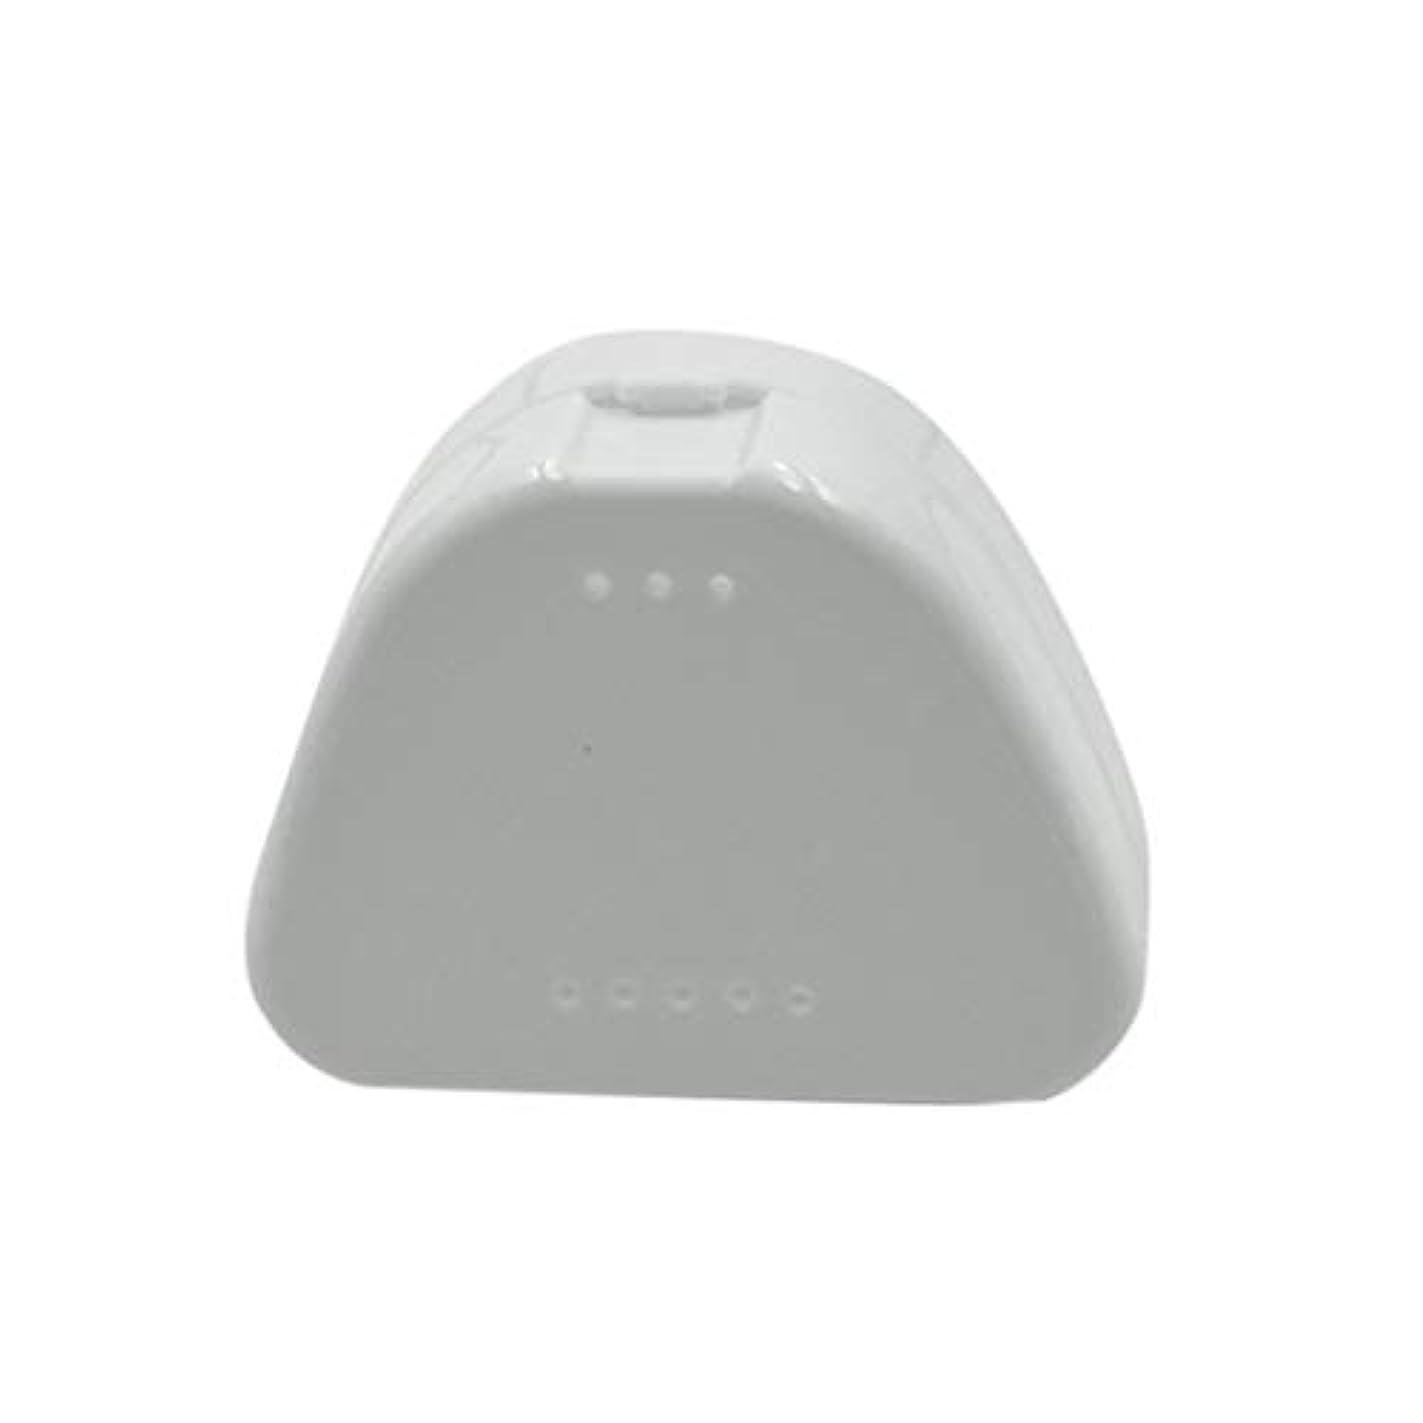 読み書きのできない闘争ご飯SUPVOX 4PCS保持ケース旅行義歯マウスガード収納ケースコンテナ通気孔とスナップ蓋(青、白、赤と透明)